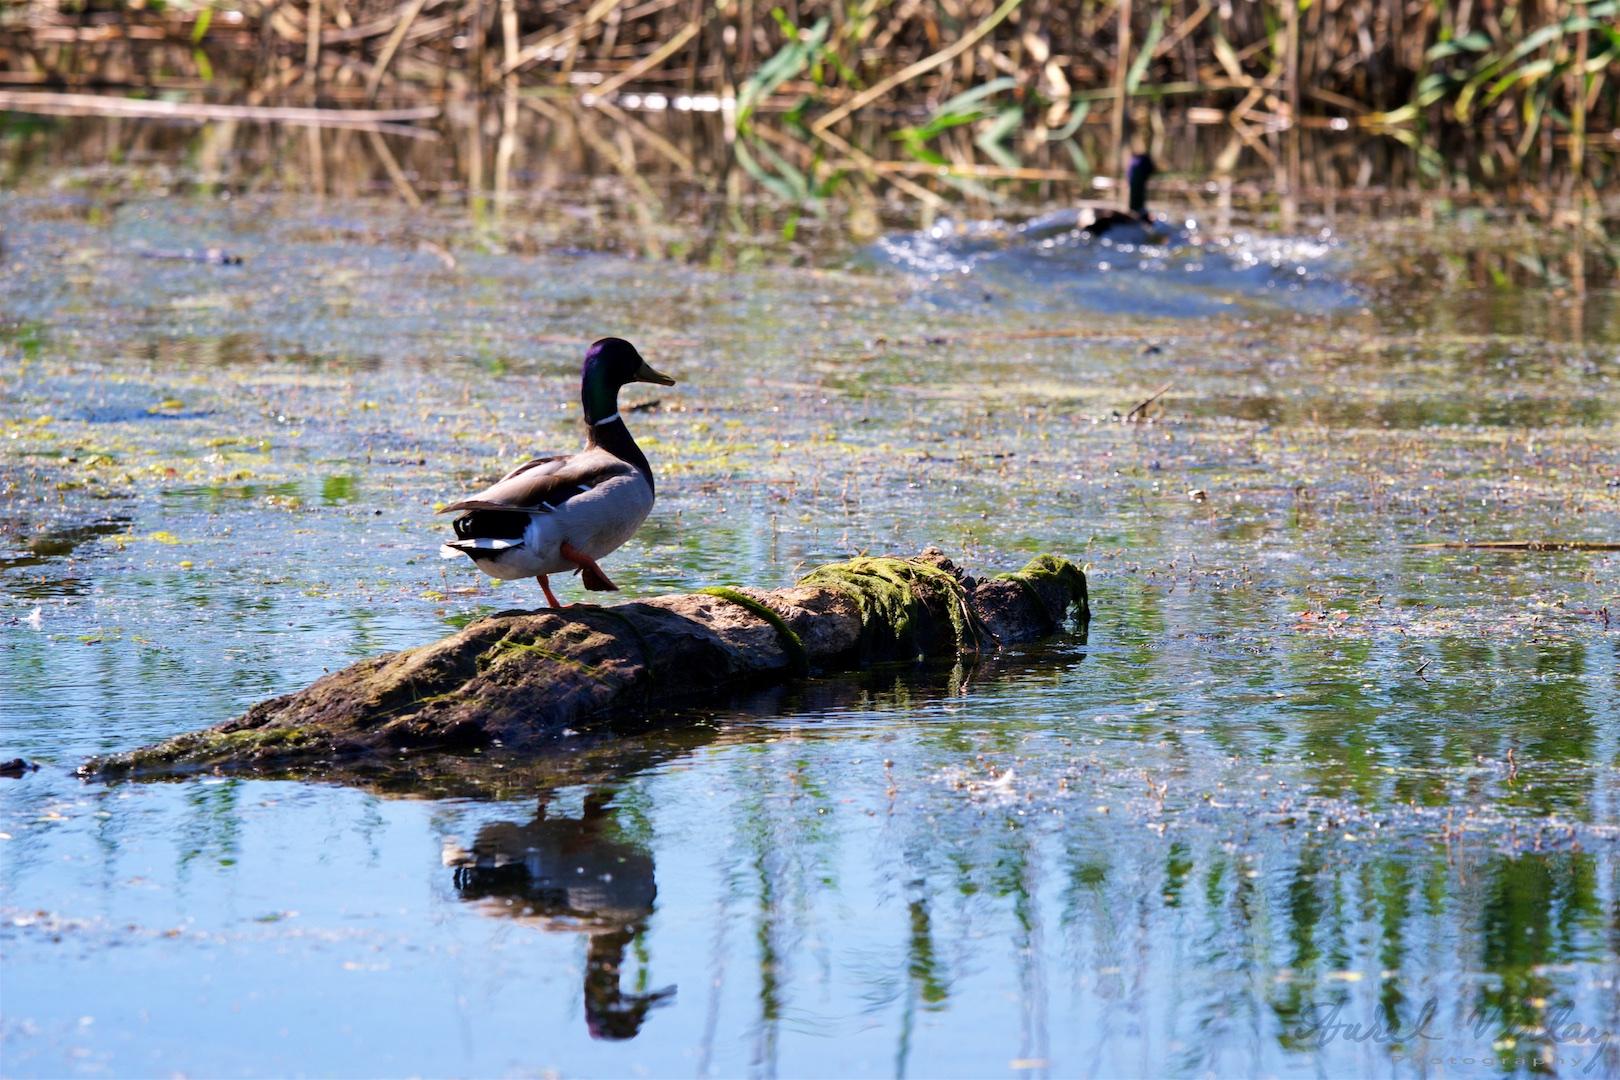 Wild ducks are common birds in Danube Delta.